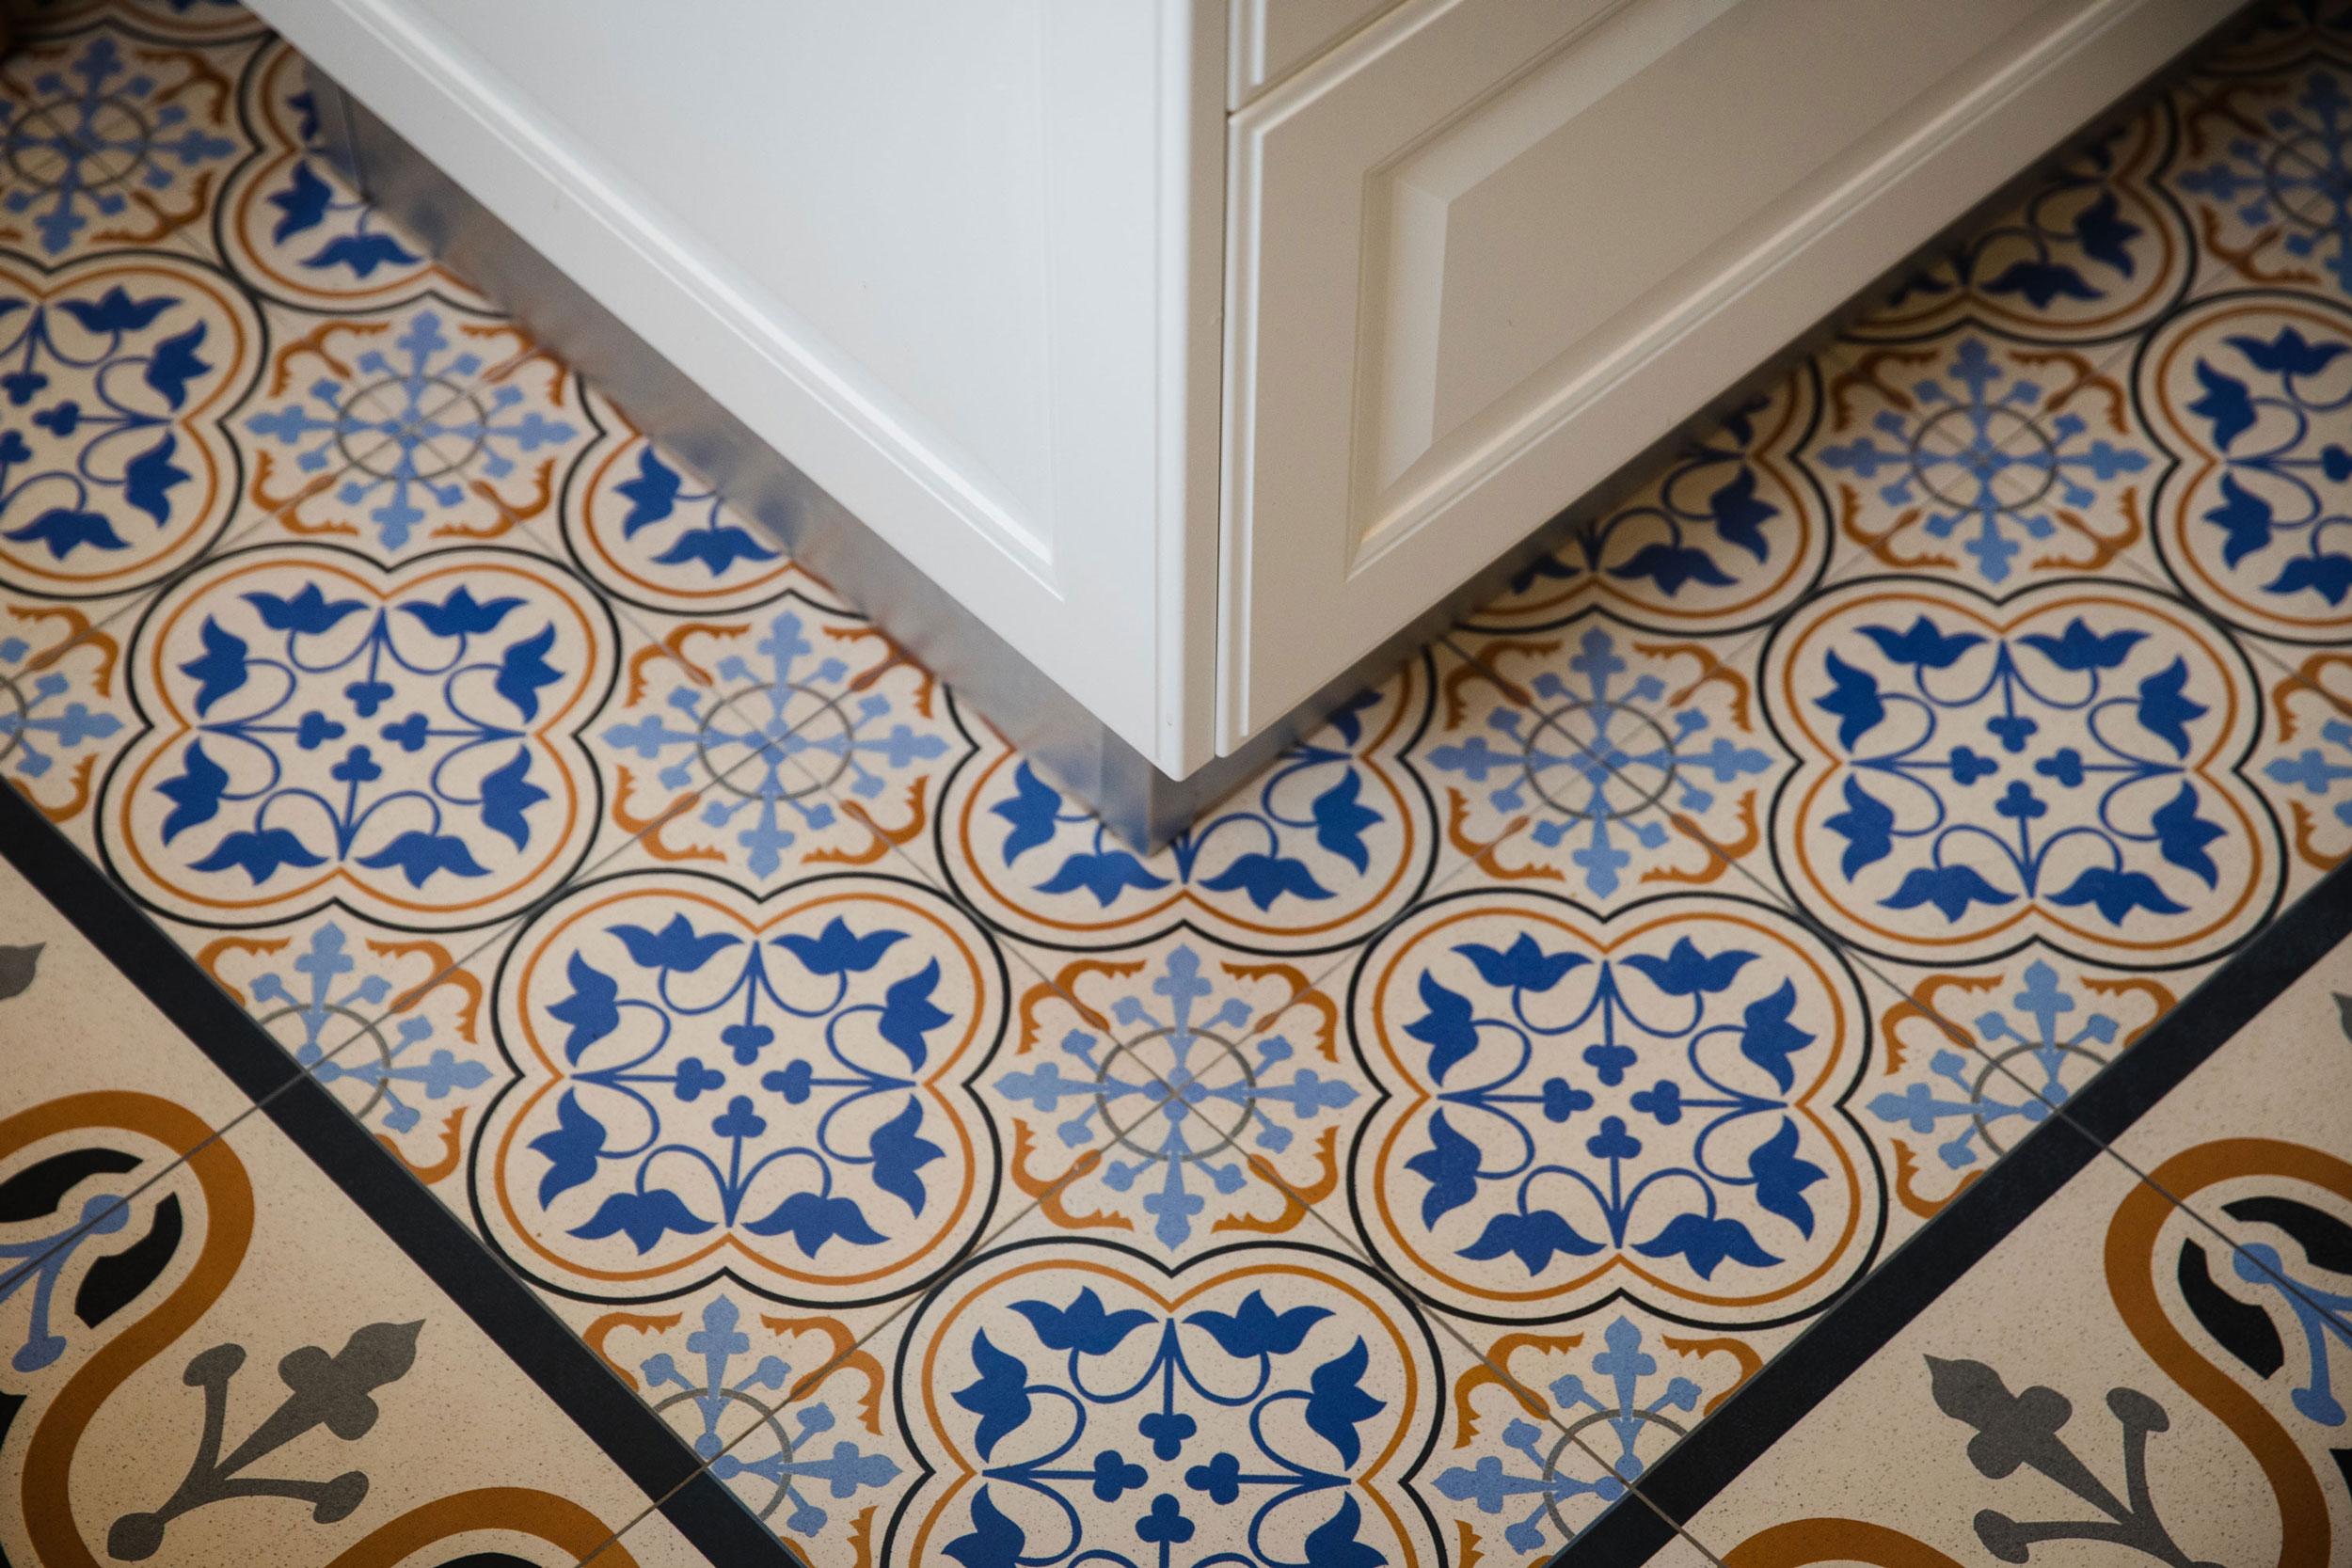 Tile carpet design details